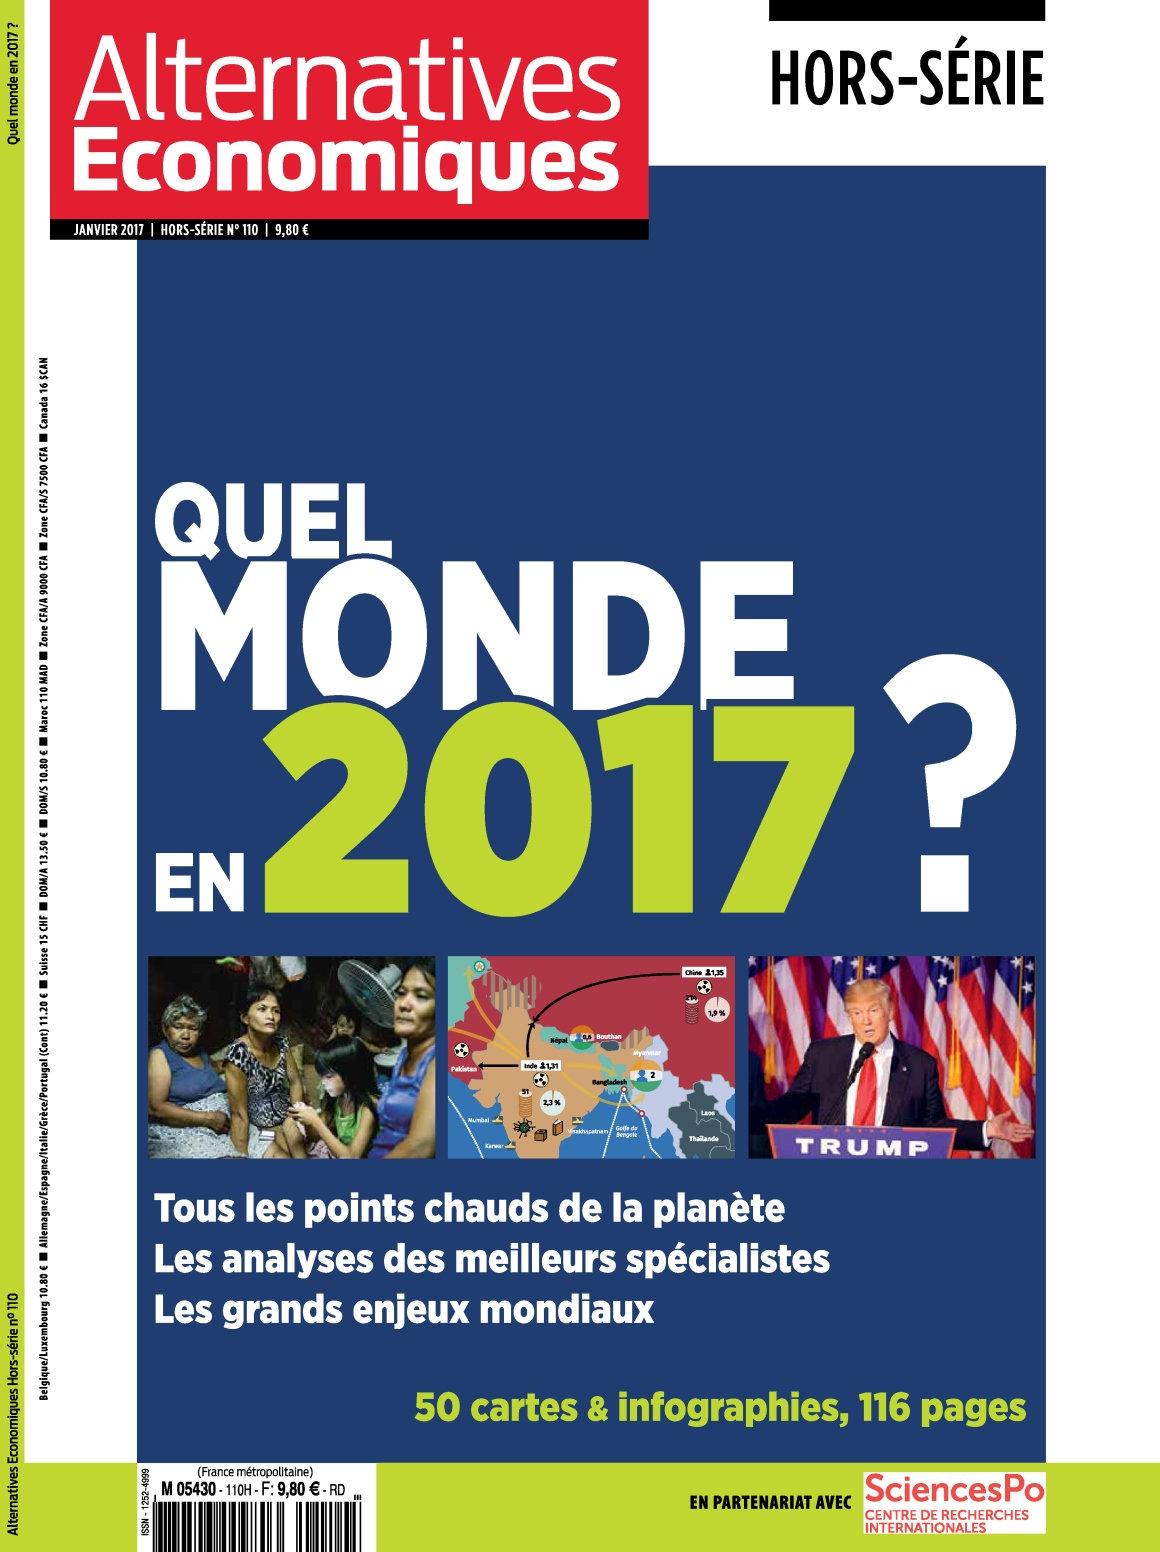 Alternatives Économiques Hors-Série 110 - Janvier 2017